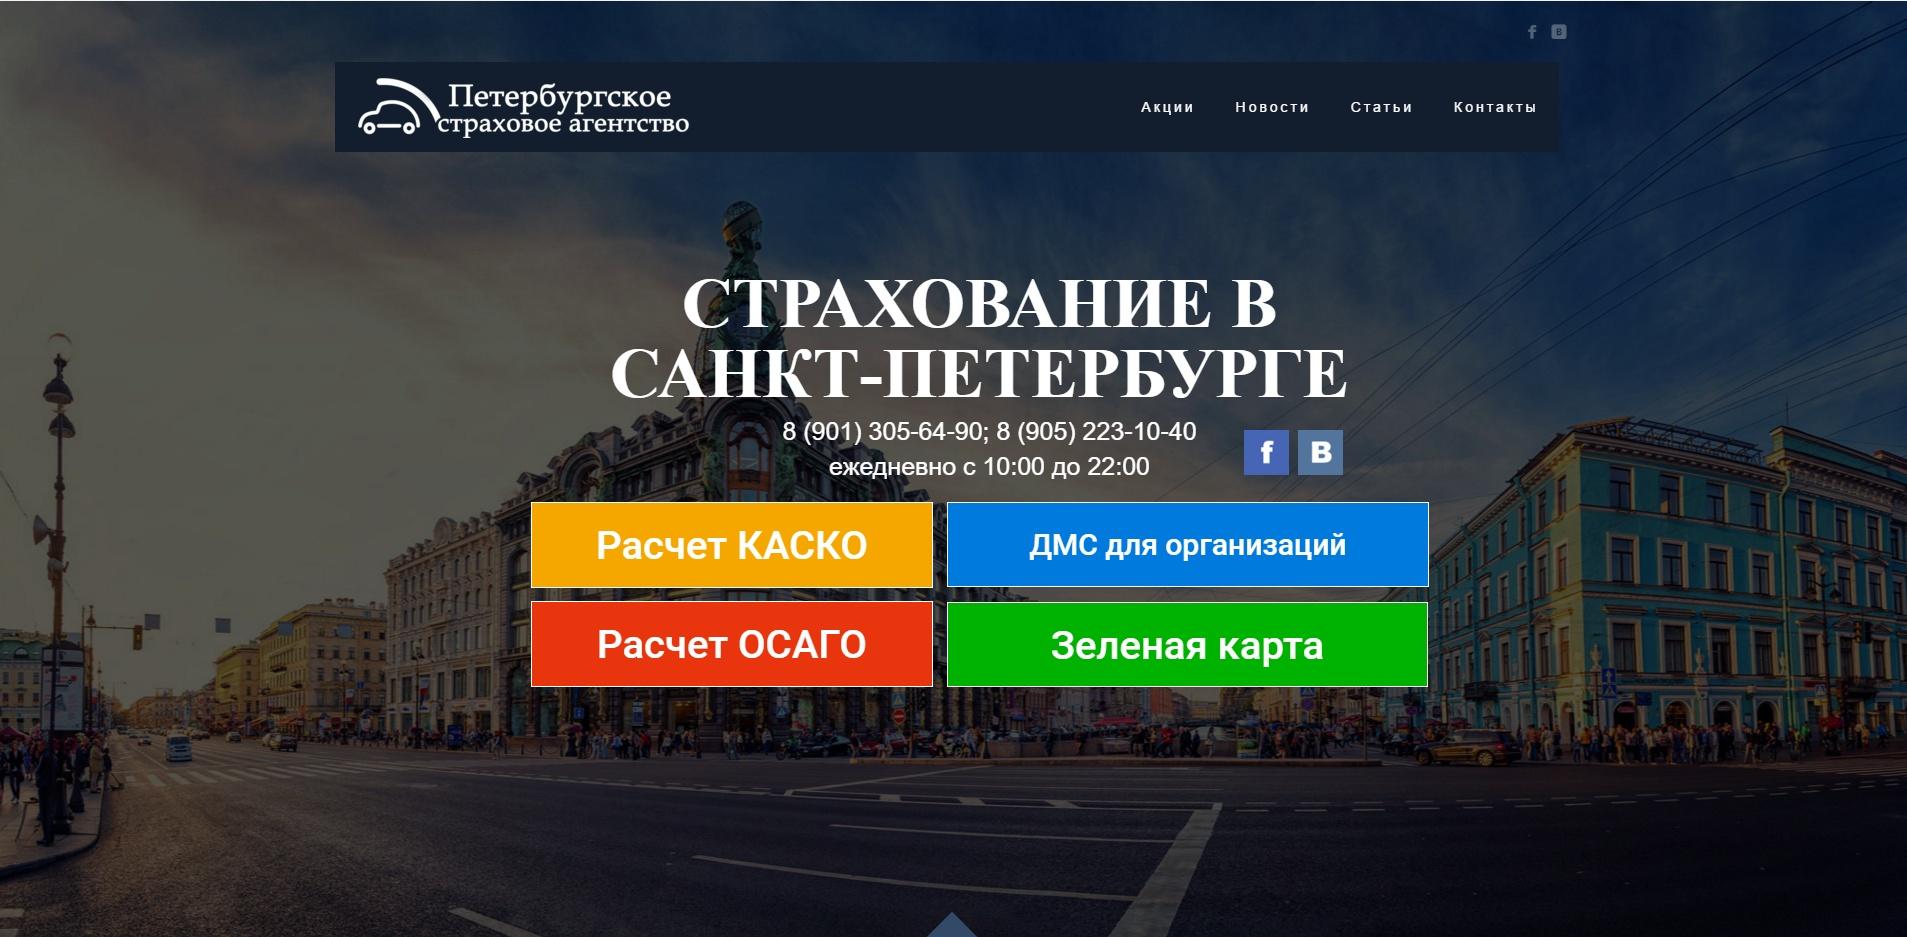 Создание корпоративного сайта страховой компании КАСКО